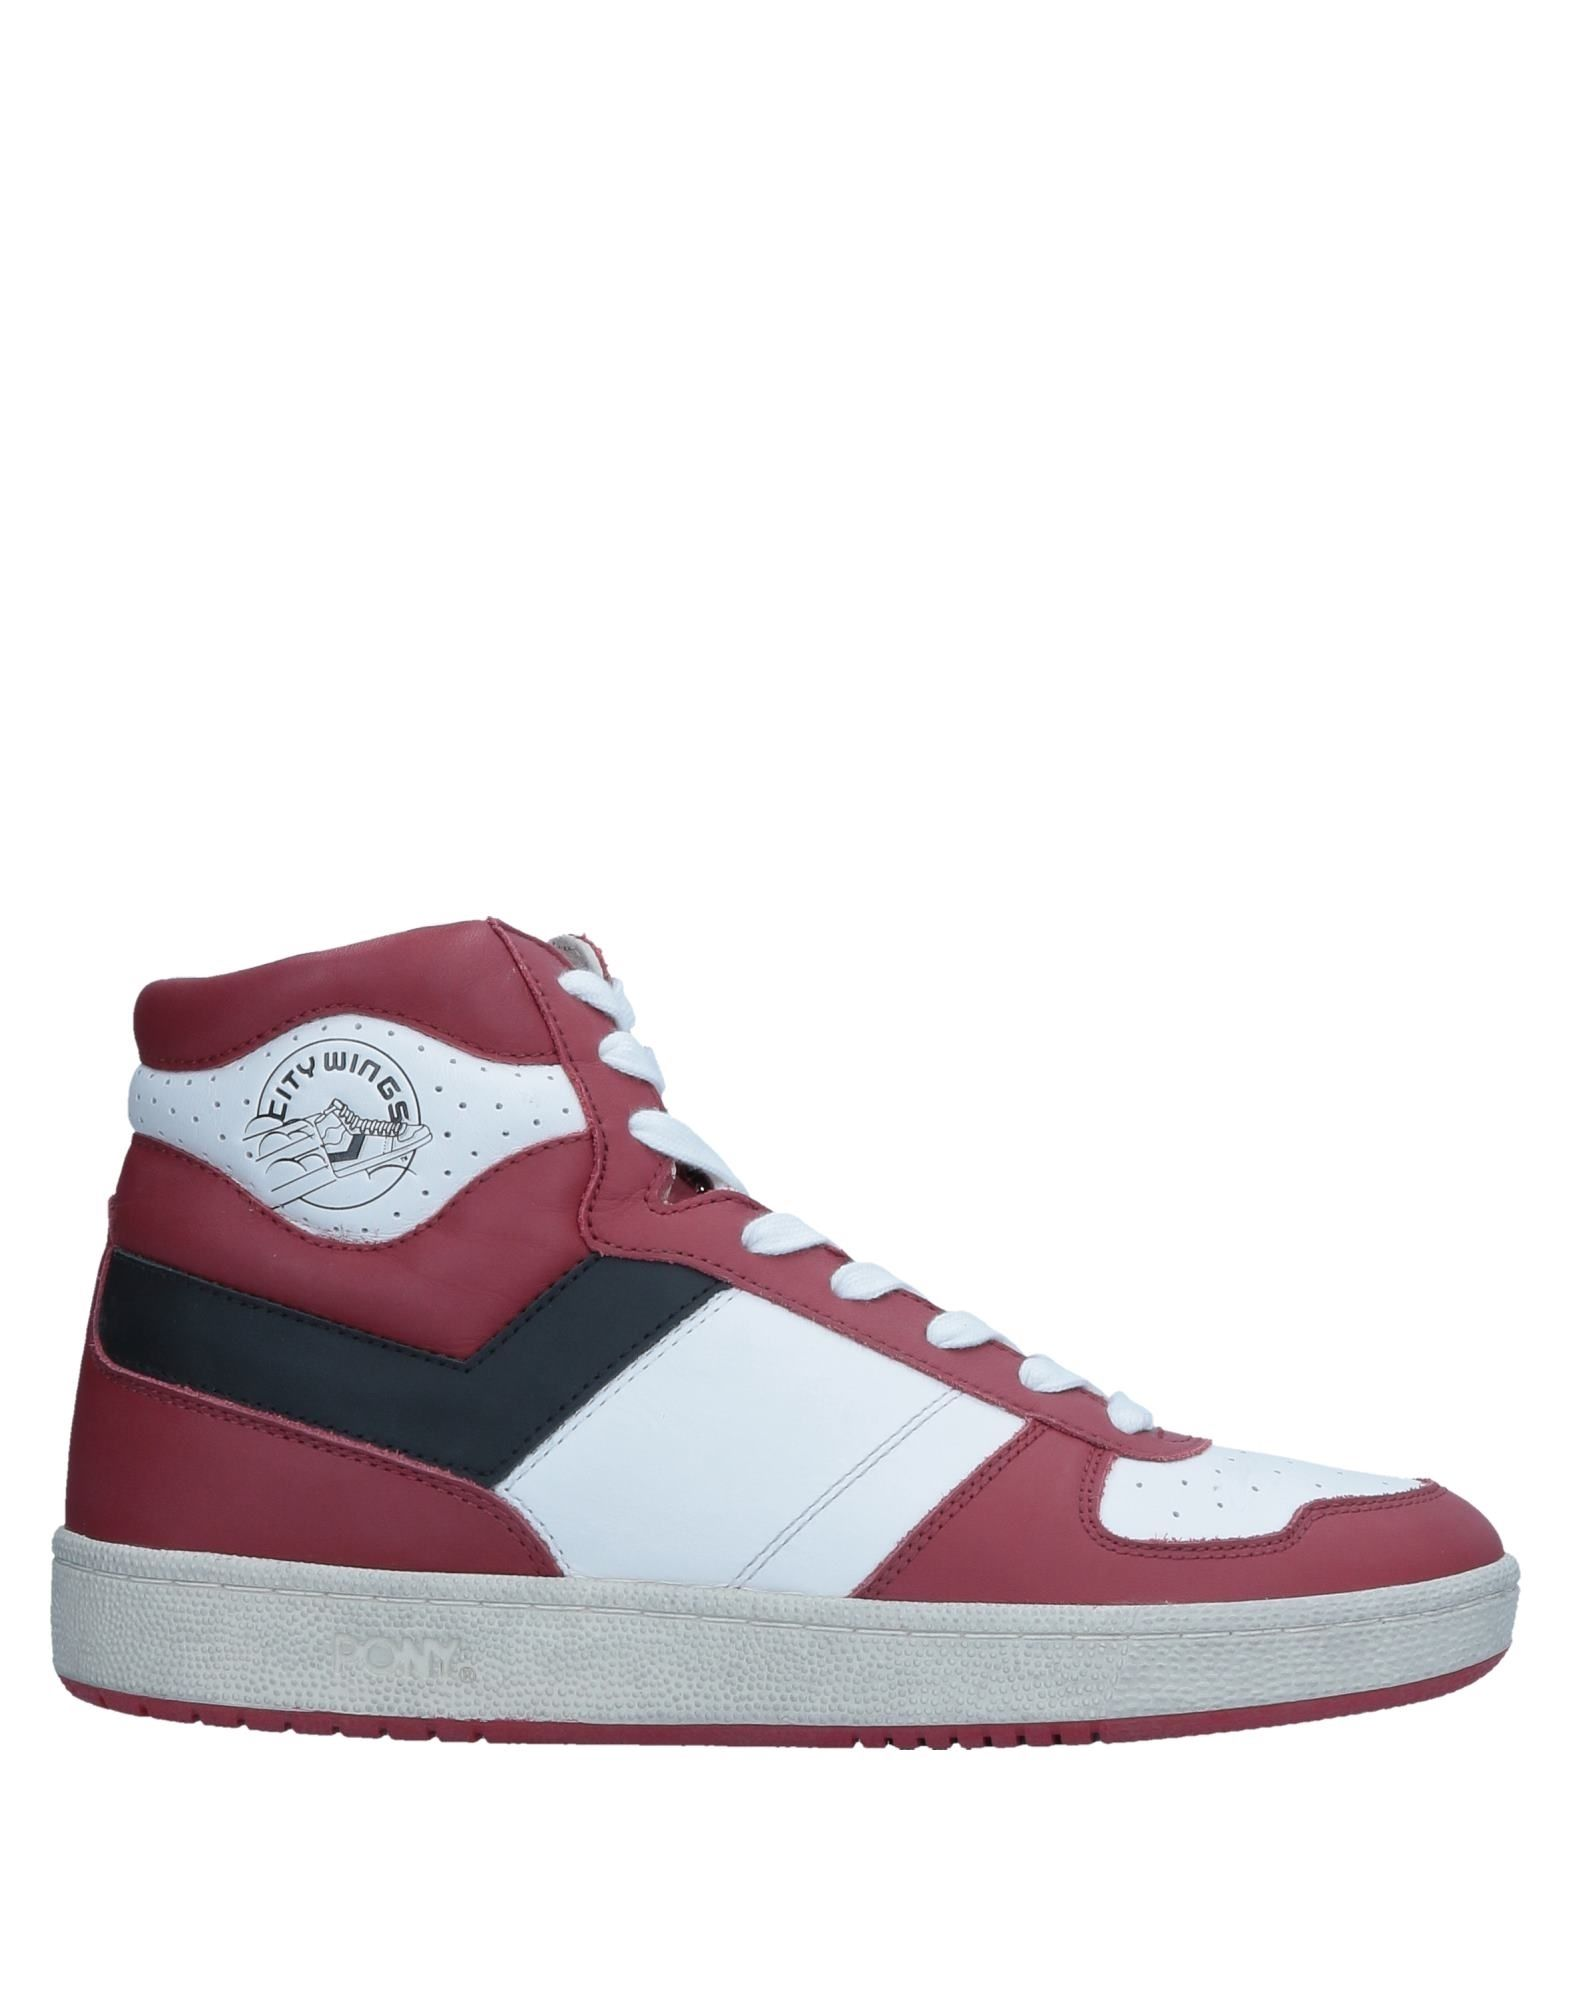 Sneakers Pony Uomo - 11552596MM Scarpe economiche e buone